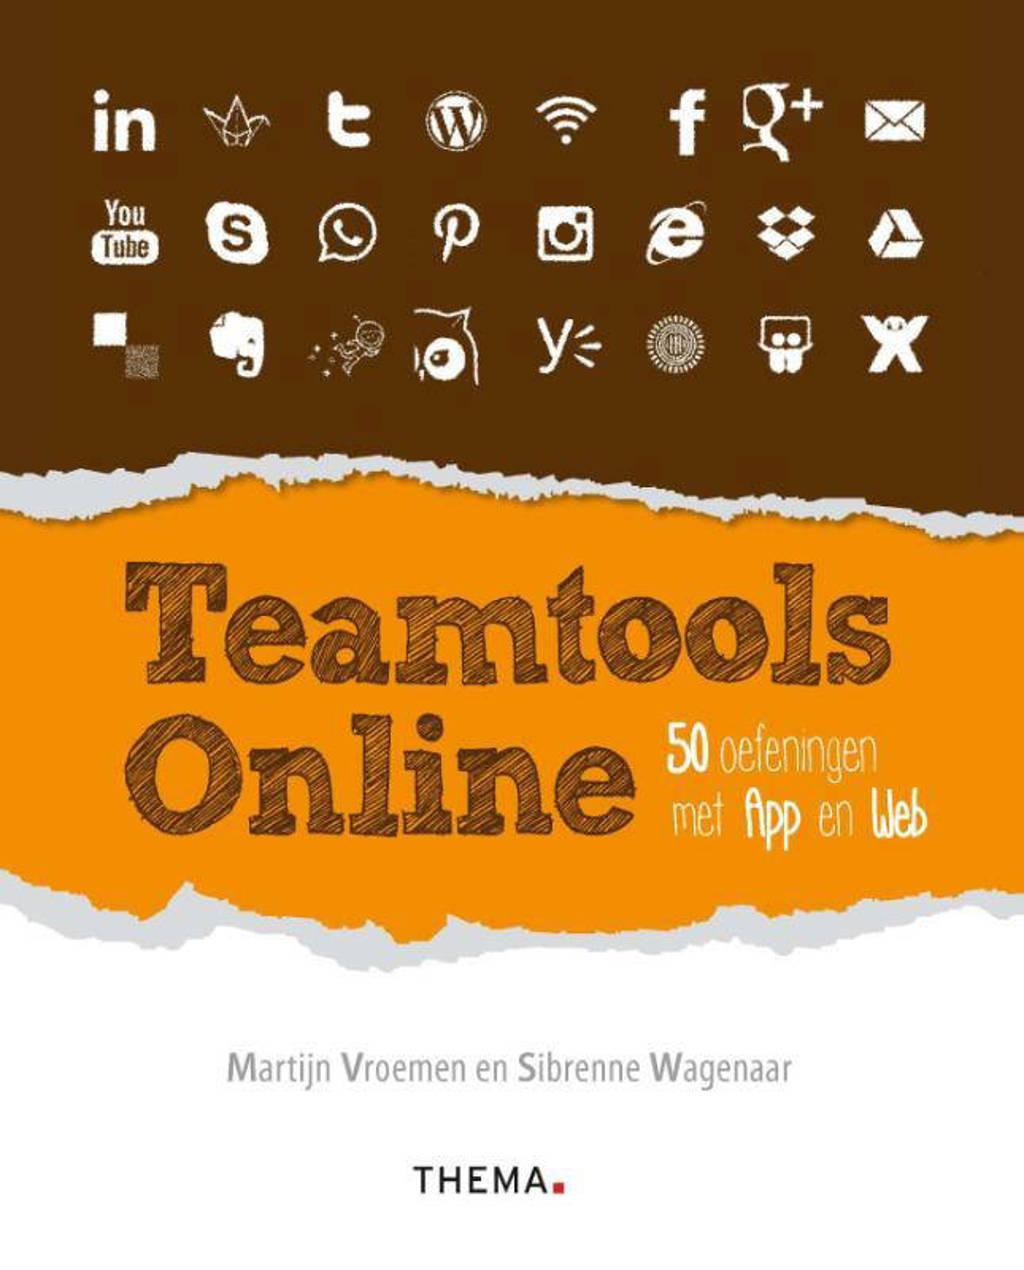 Teamtools online - Martijn Vroemen en Sibrenne Wagenaar